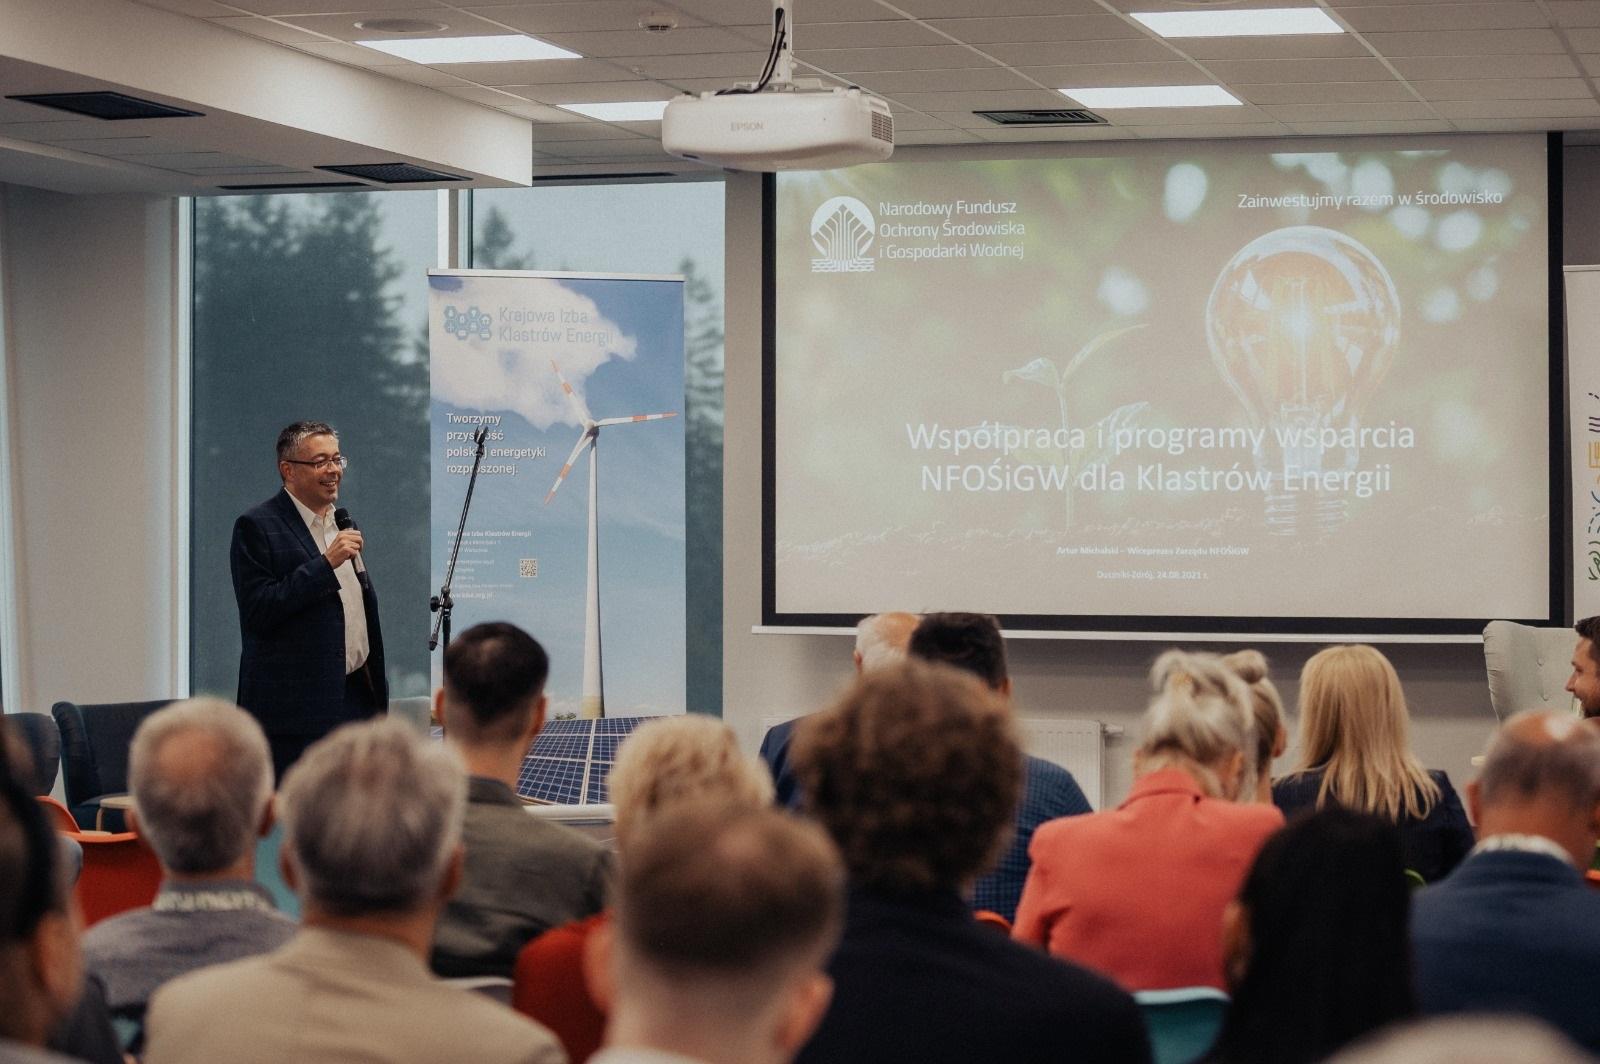 Konferencja dla Klastrów Energii w Dusznikach-Zdroju – podsumowanie